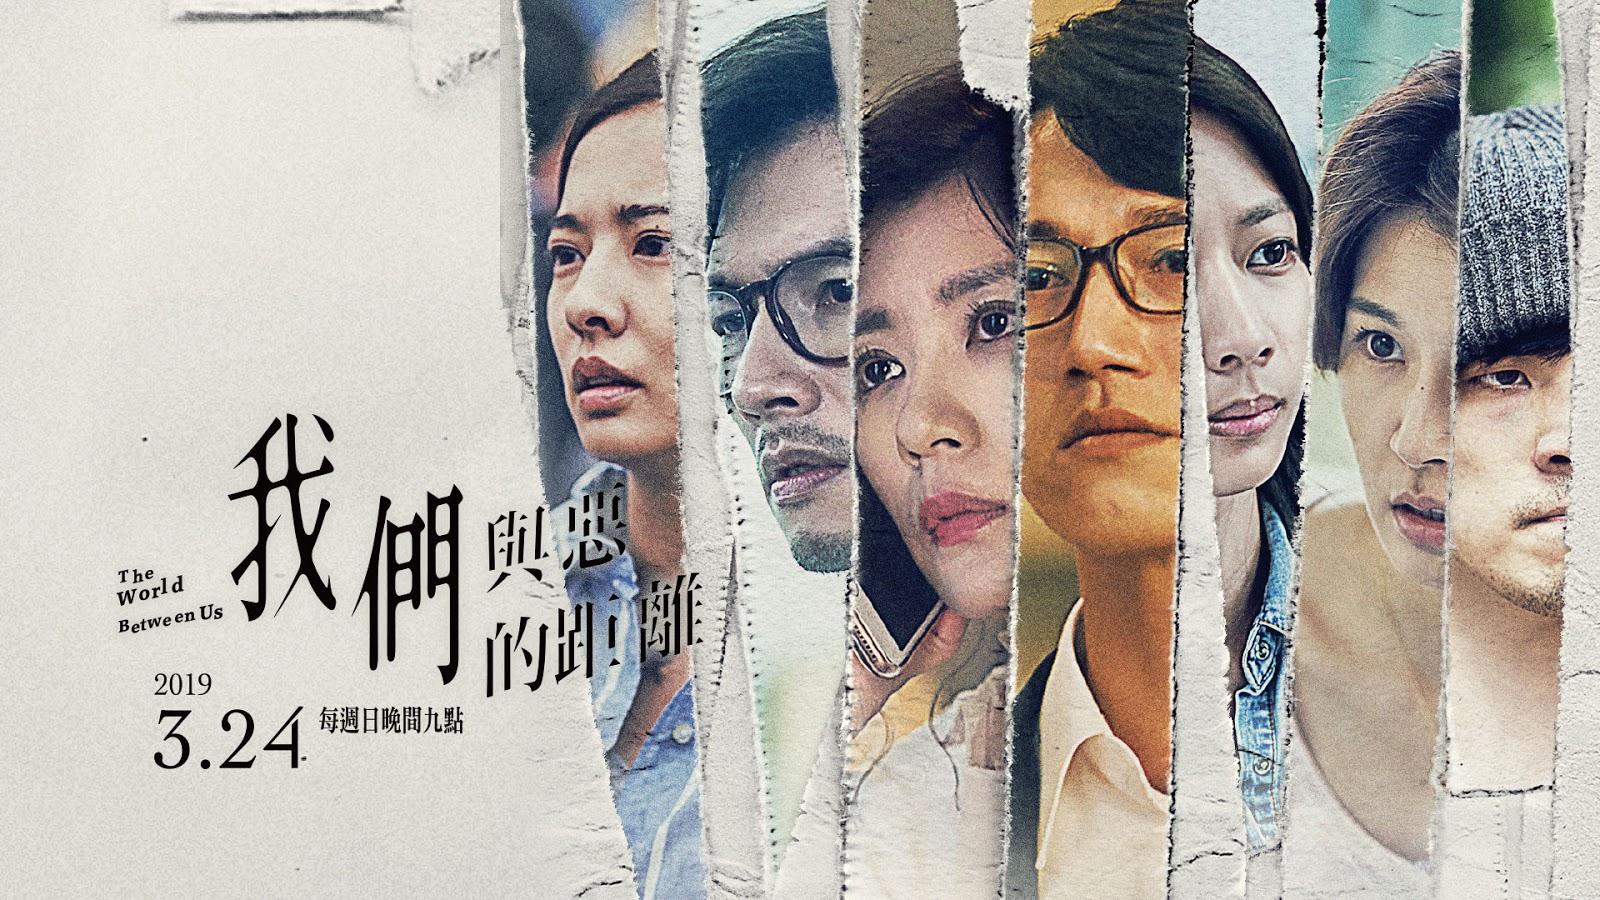 『悪との距離』:台湾メディアの問題や司法課題と、関連する流行語